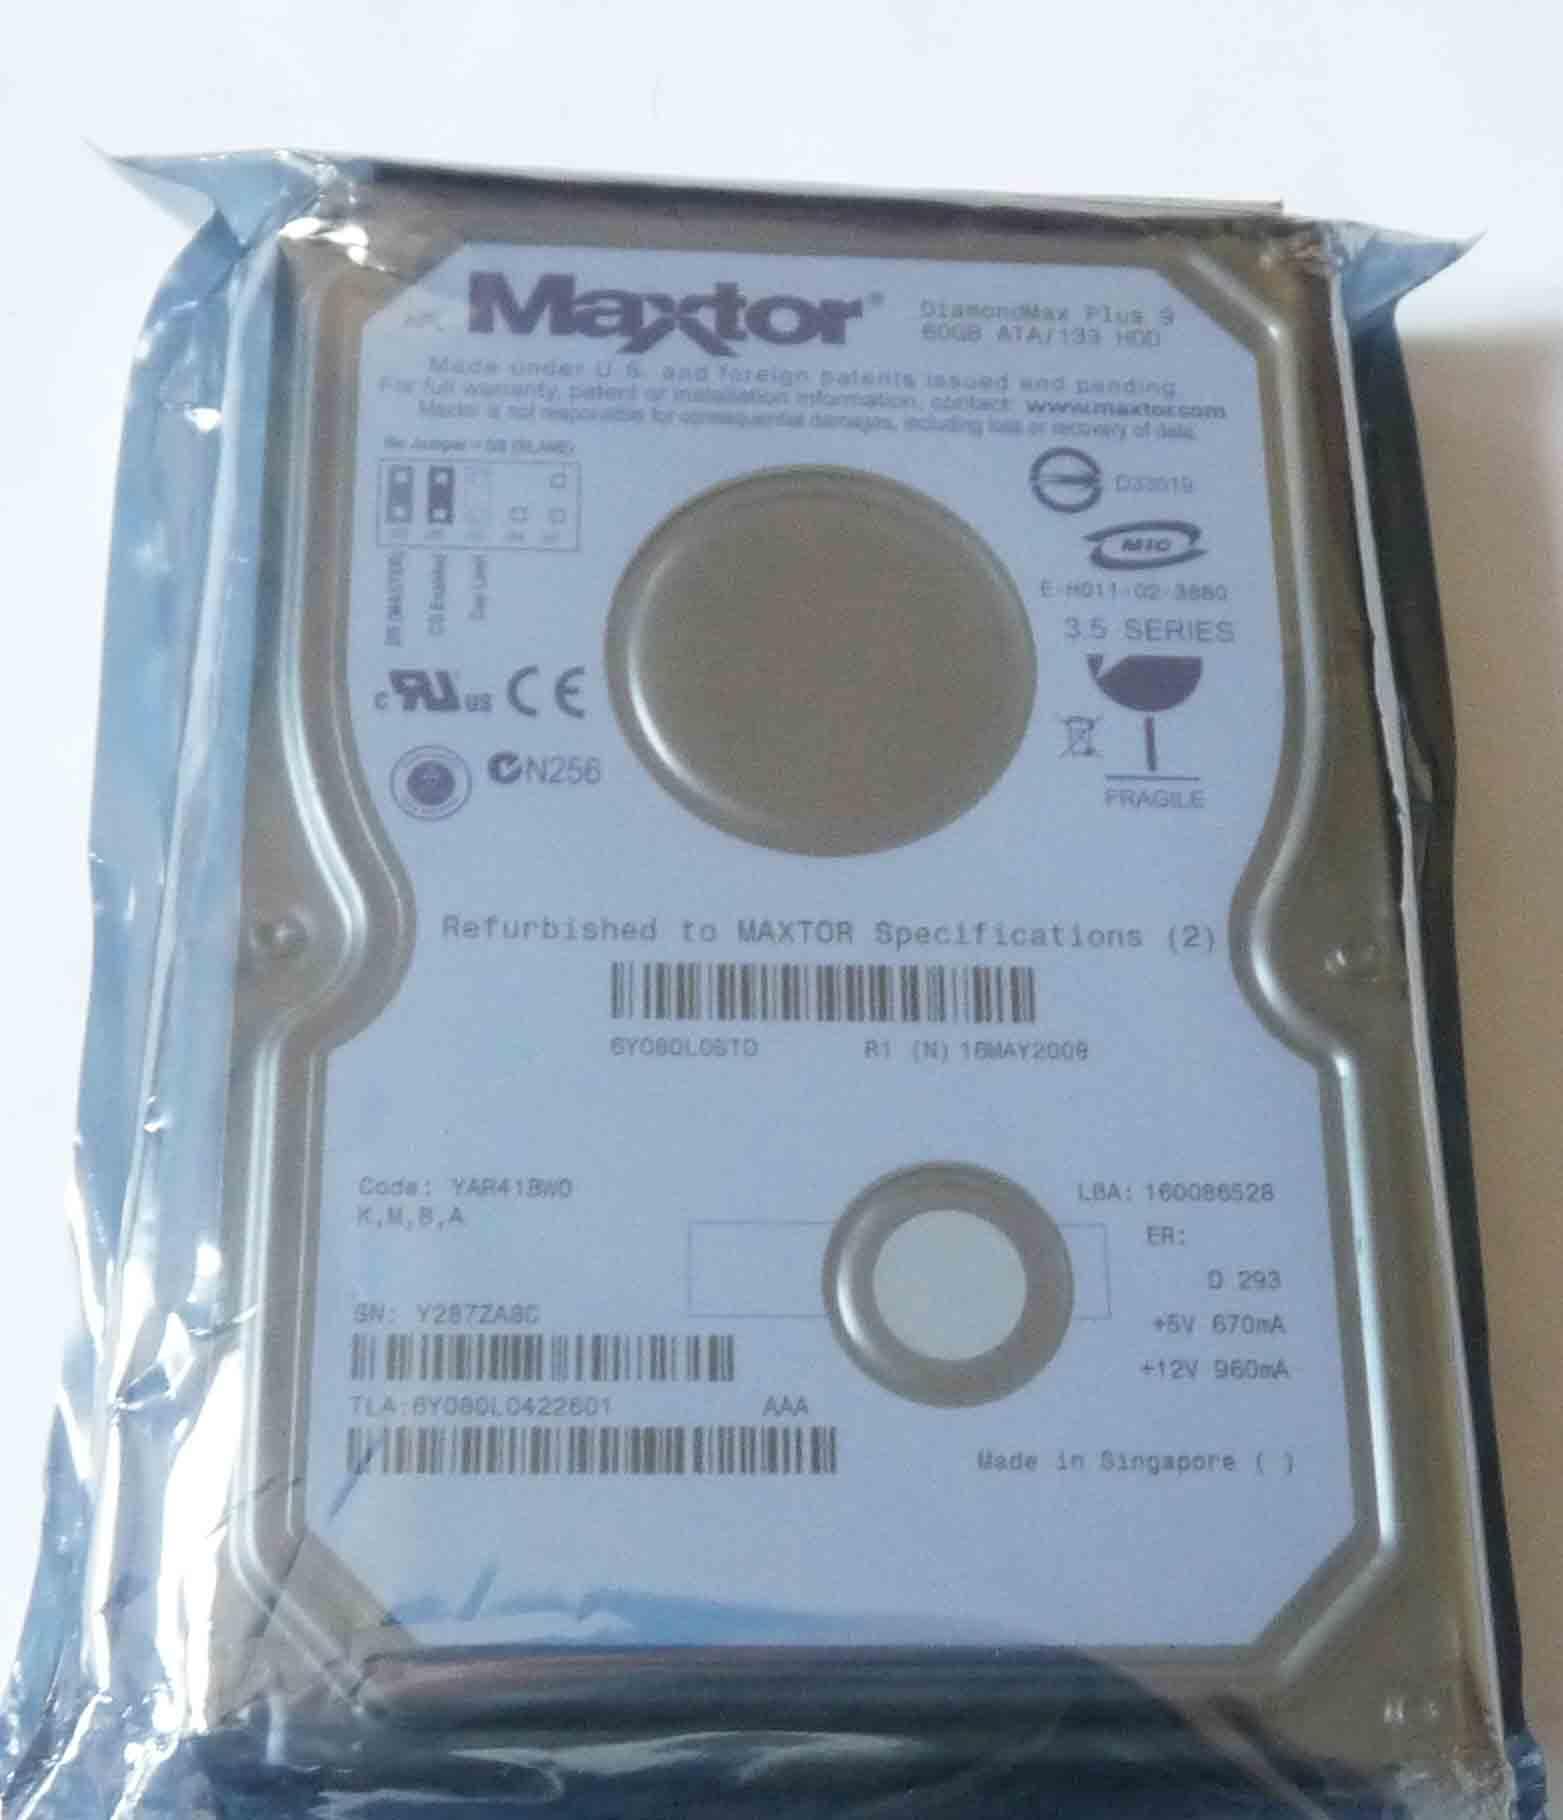 Maxtor DiamondMAX Plus 9 80GB Oicp 6y080l0 OICPfr